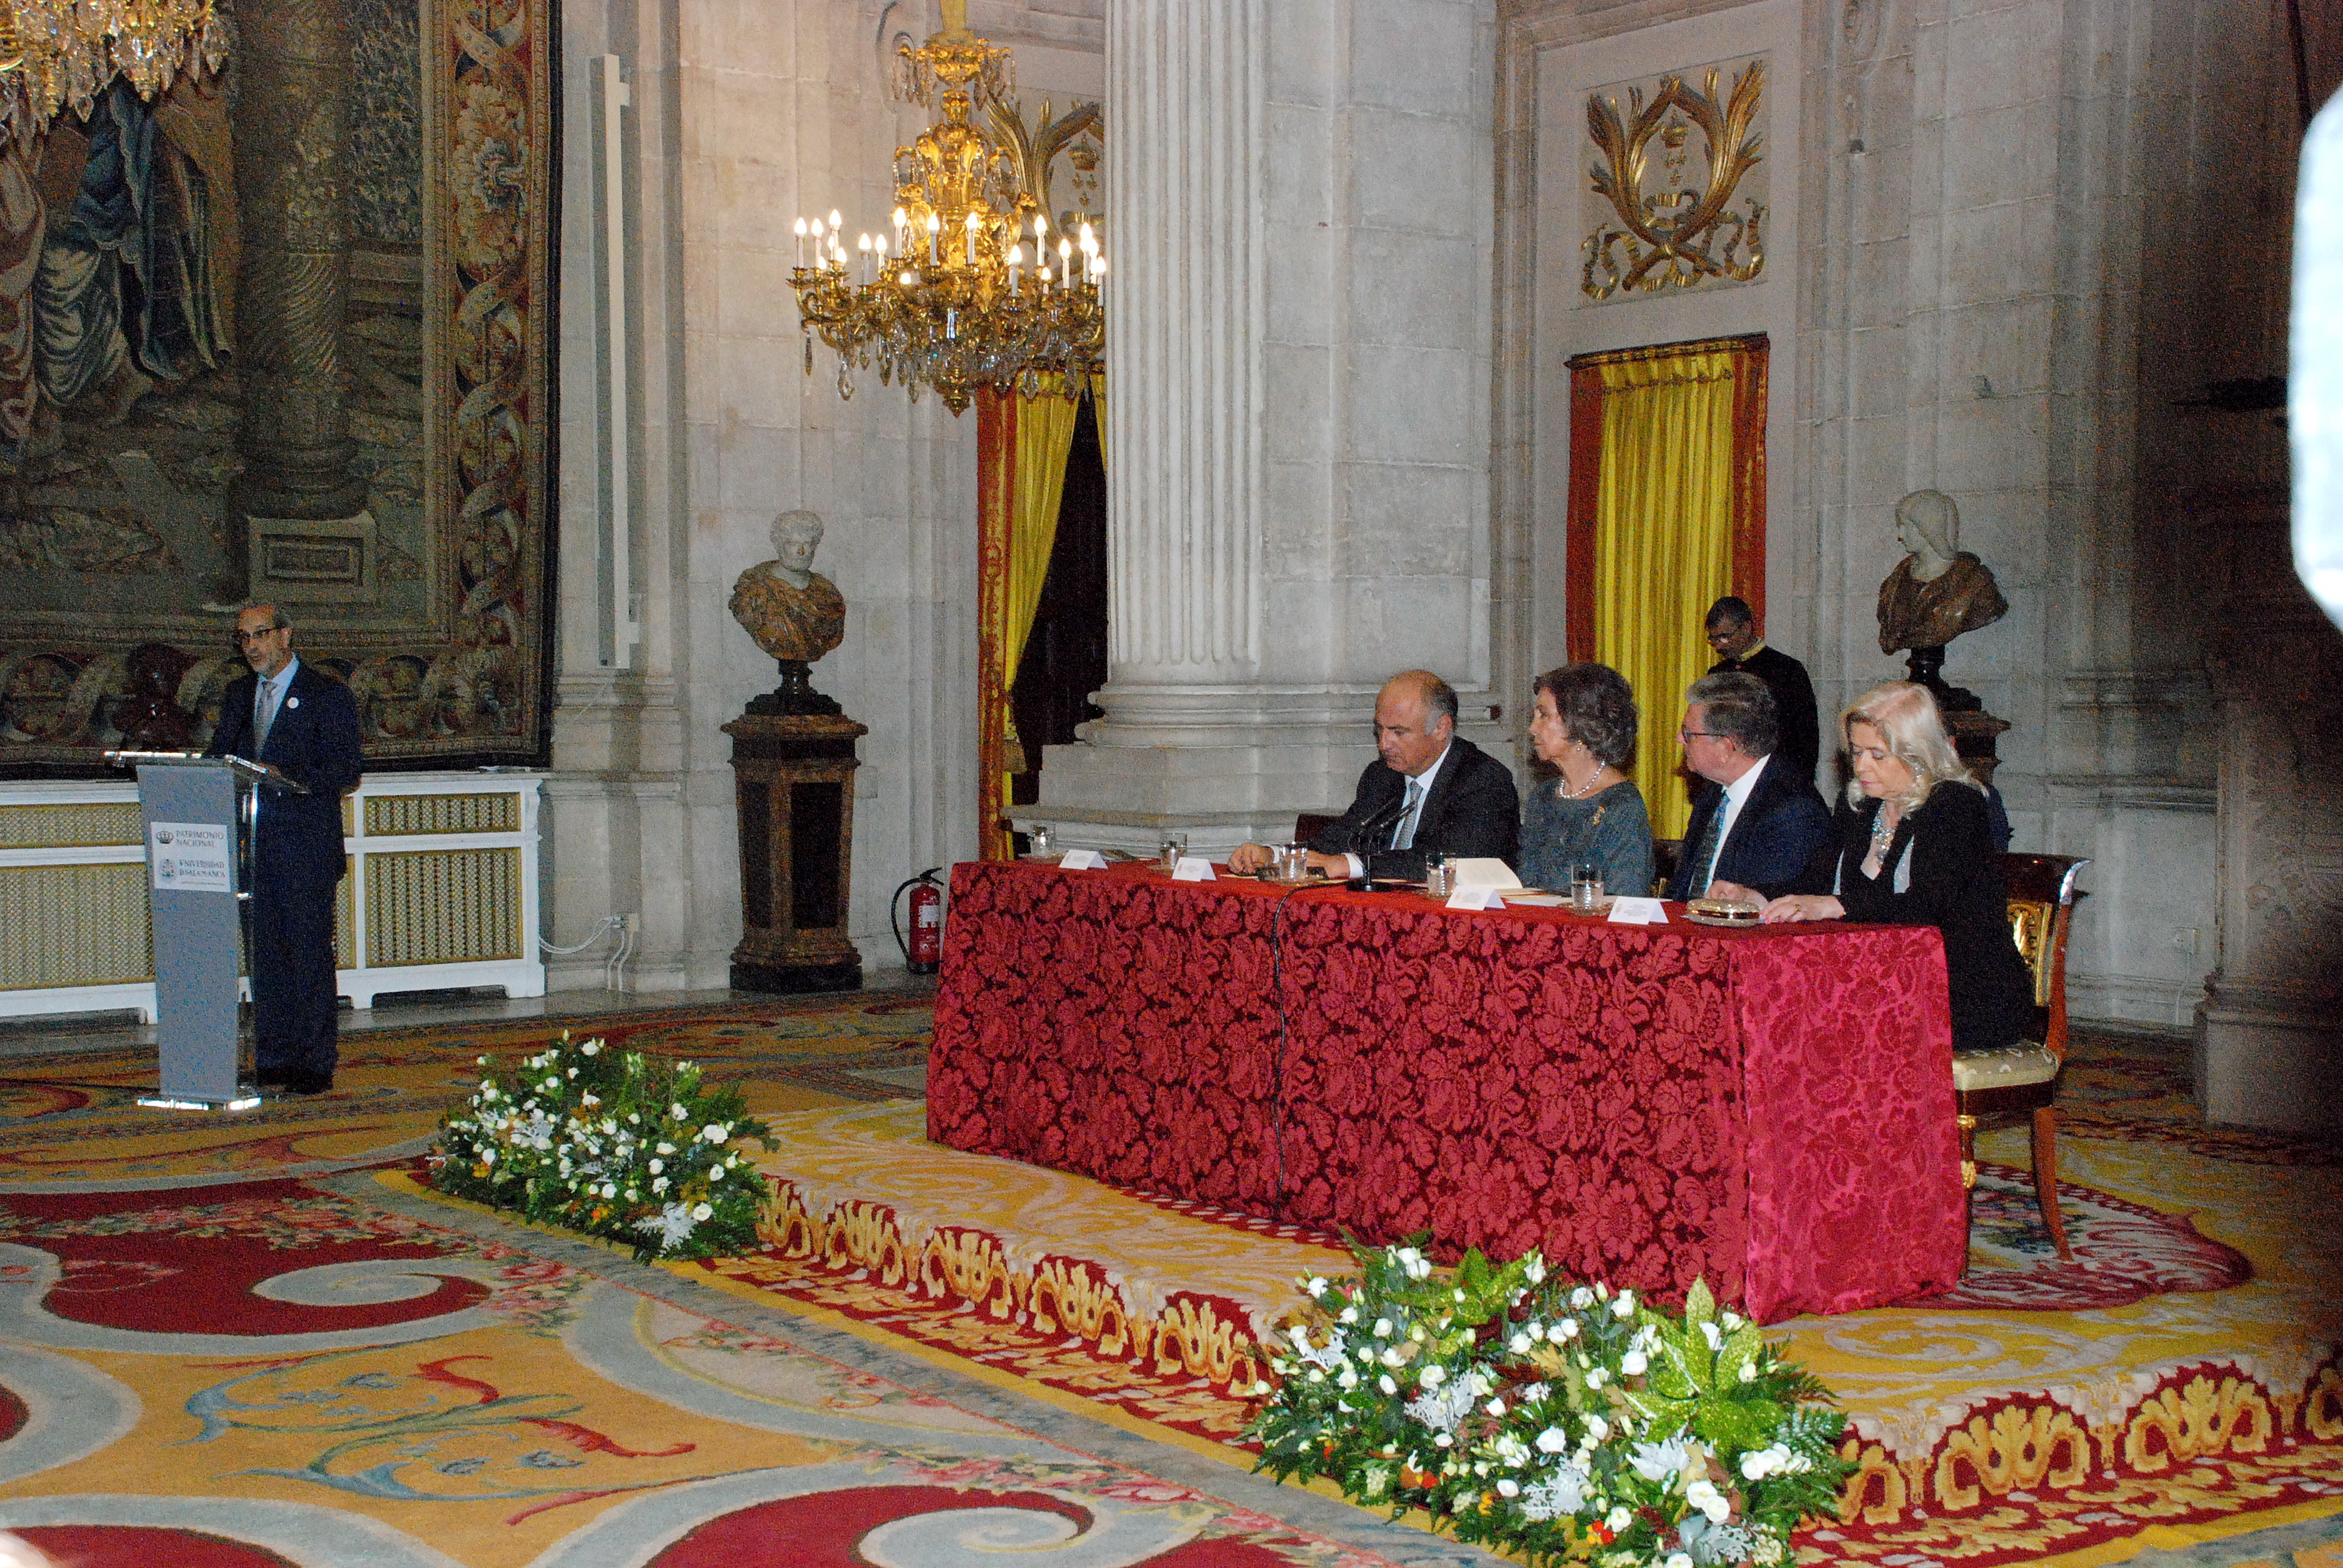 ACTO DE ENTREGA XXV PREMIO REINA SOFÍA DE POESÍA IBEROAMERICANA